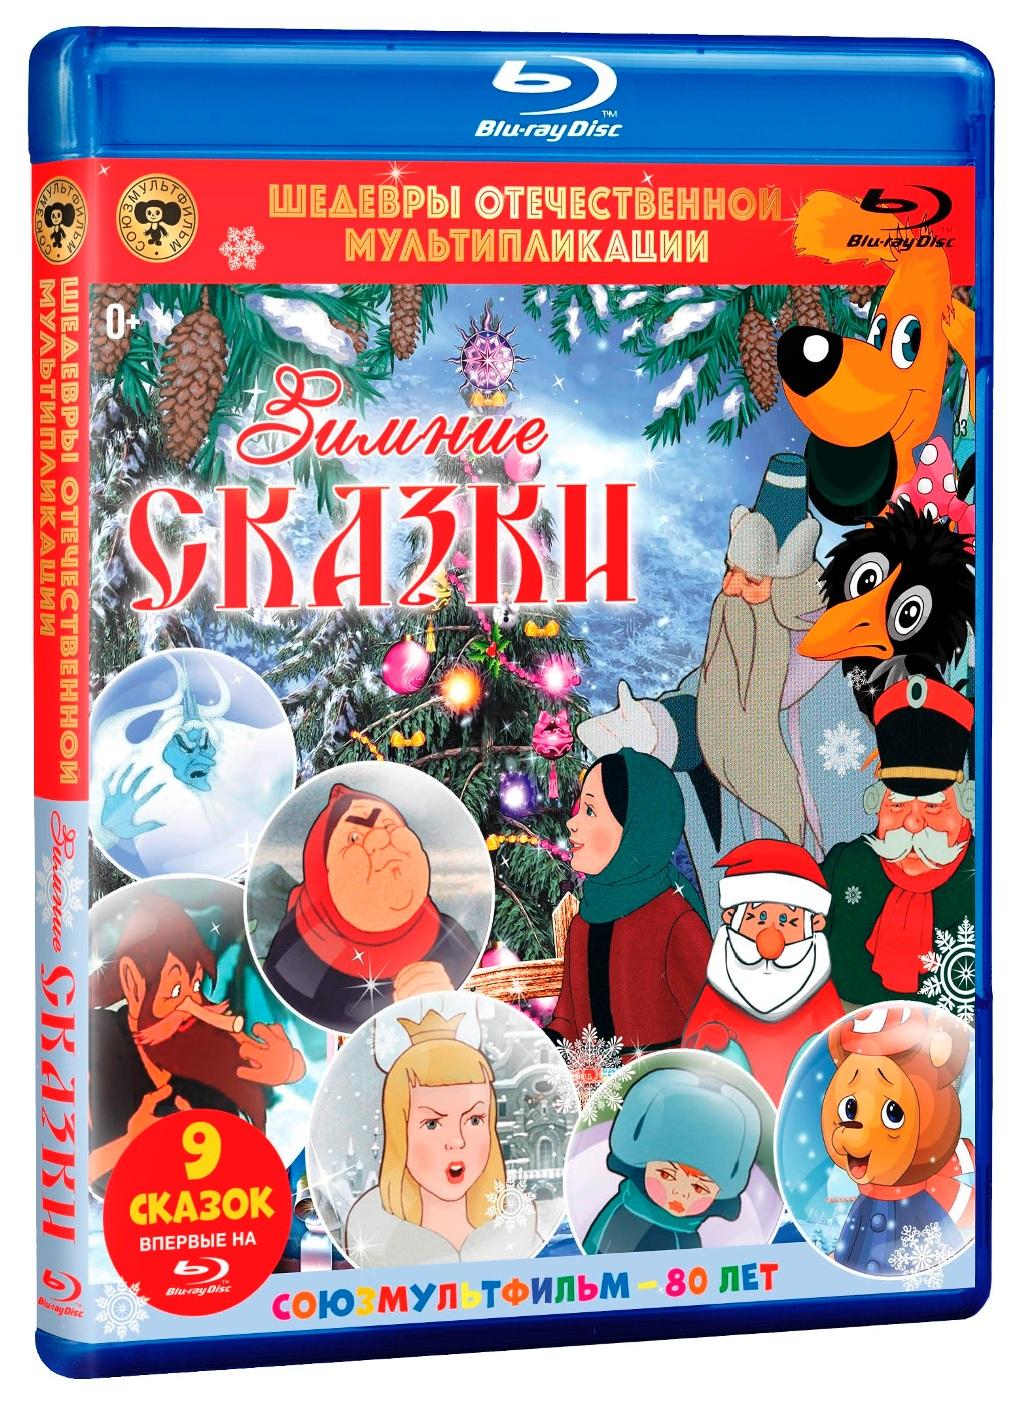 Зимние сказки: Сборник мультфильмов (Blu-ray)